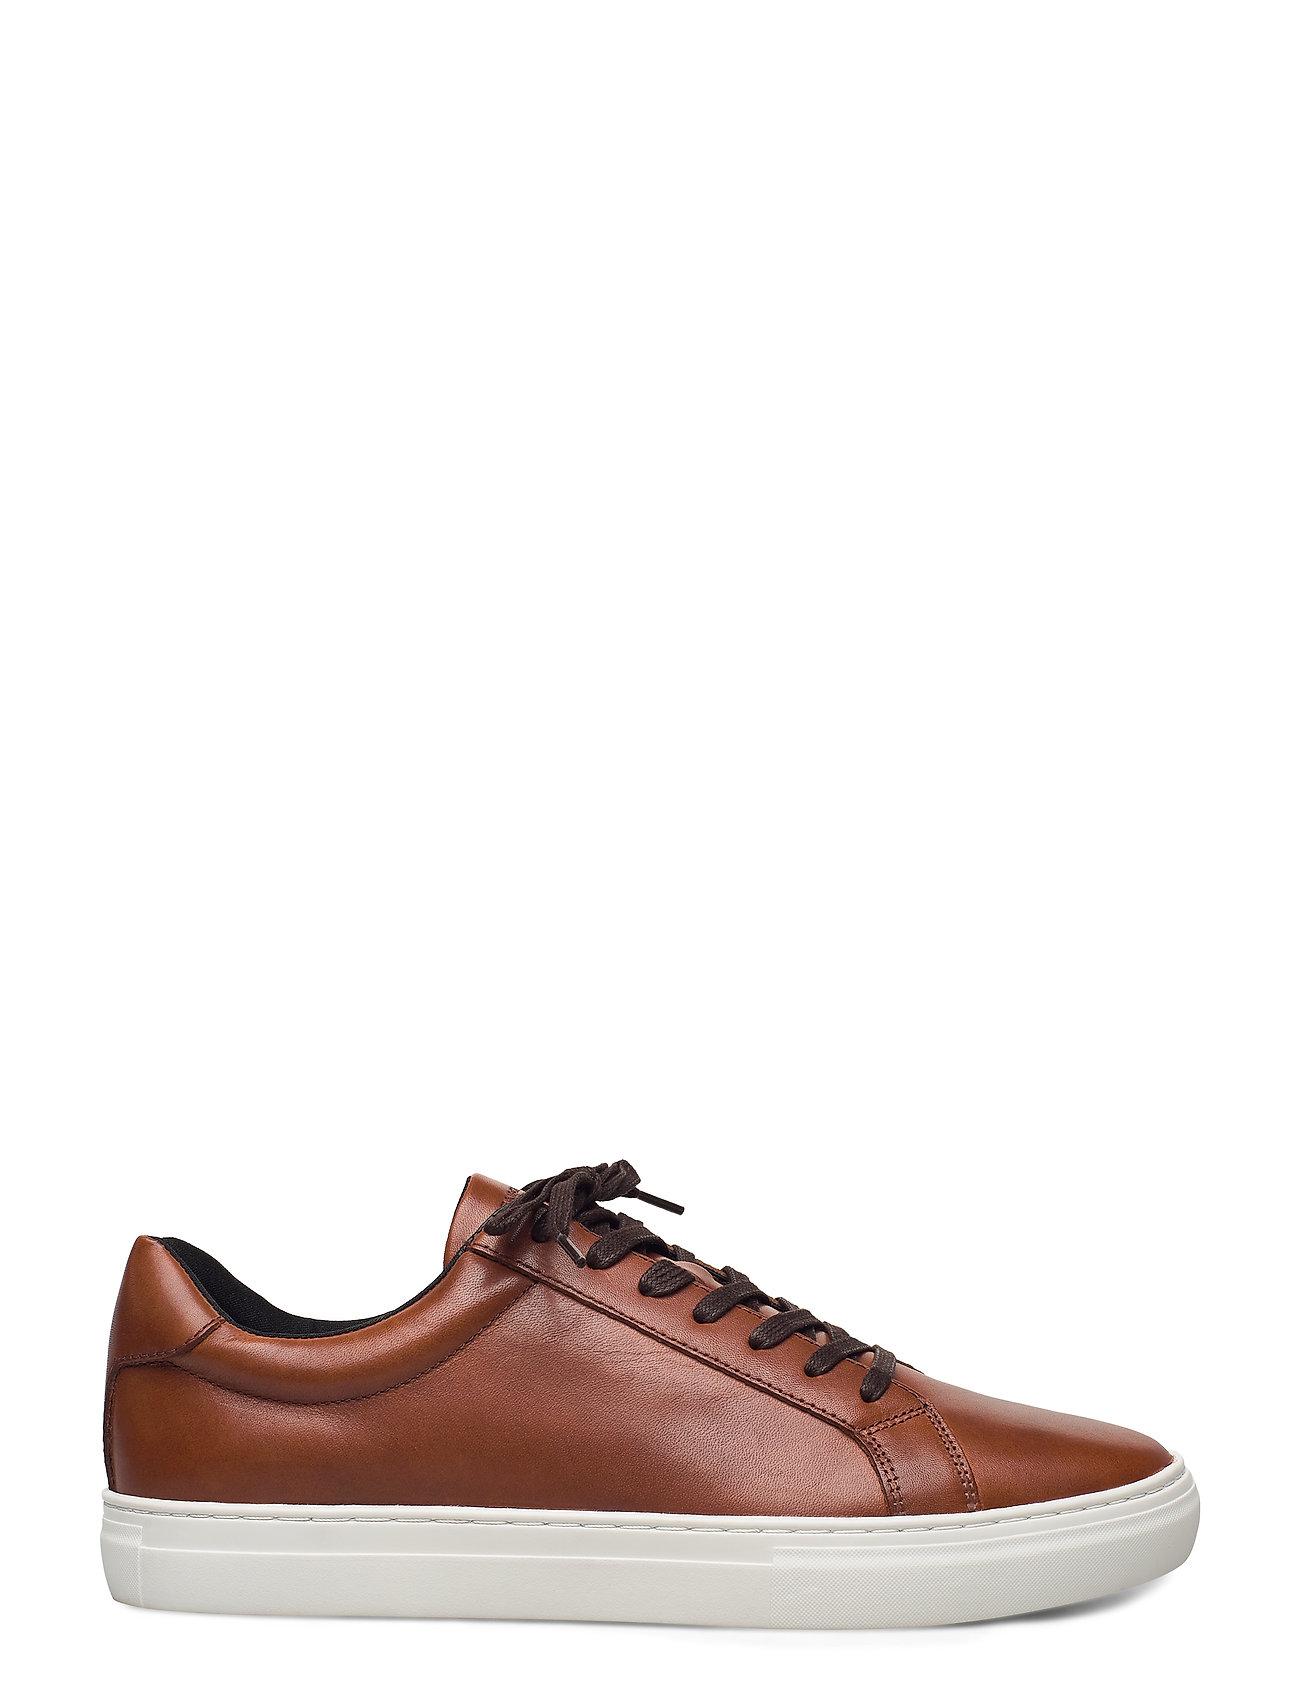 Image of Paul Low-top Sneakers Brun VAGABOND (3536414323)